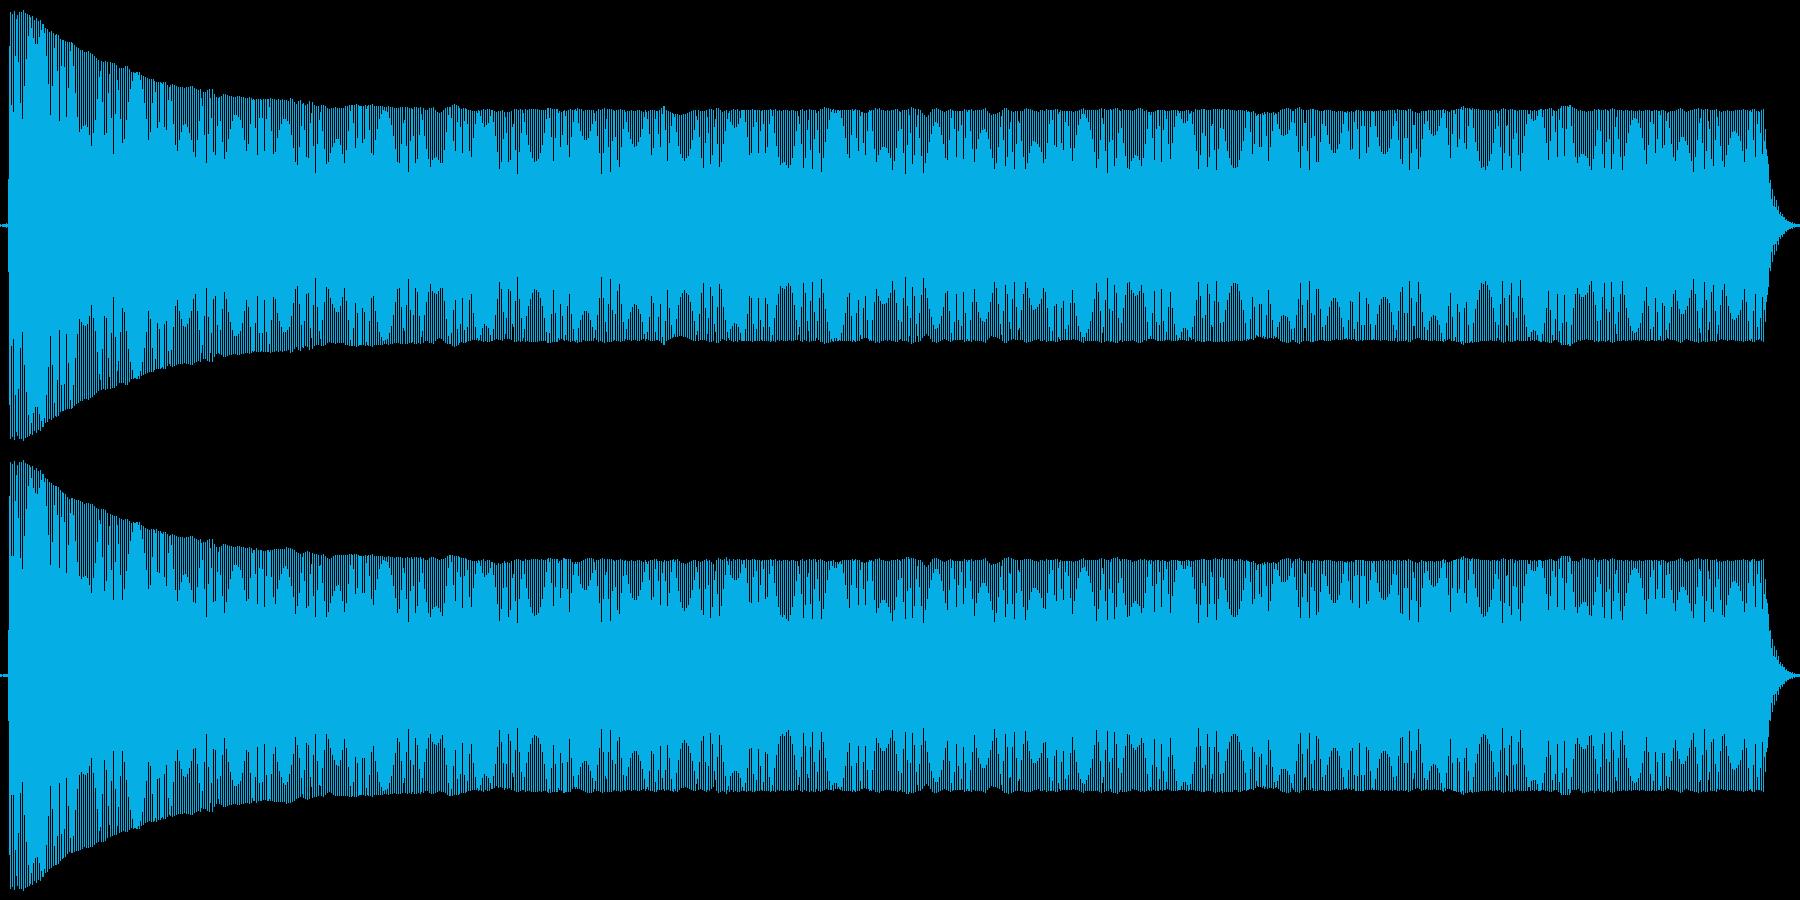 ポヨヨヨ。言葉を伏せる音(低)の再生済みの波形